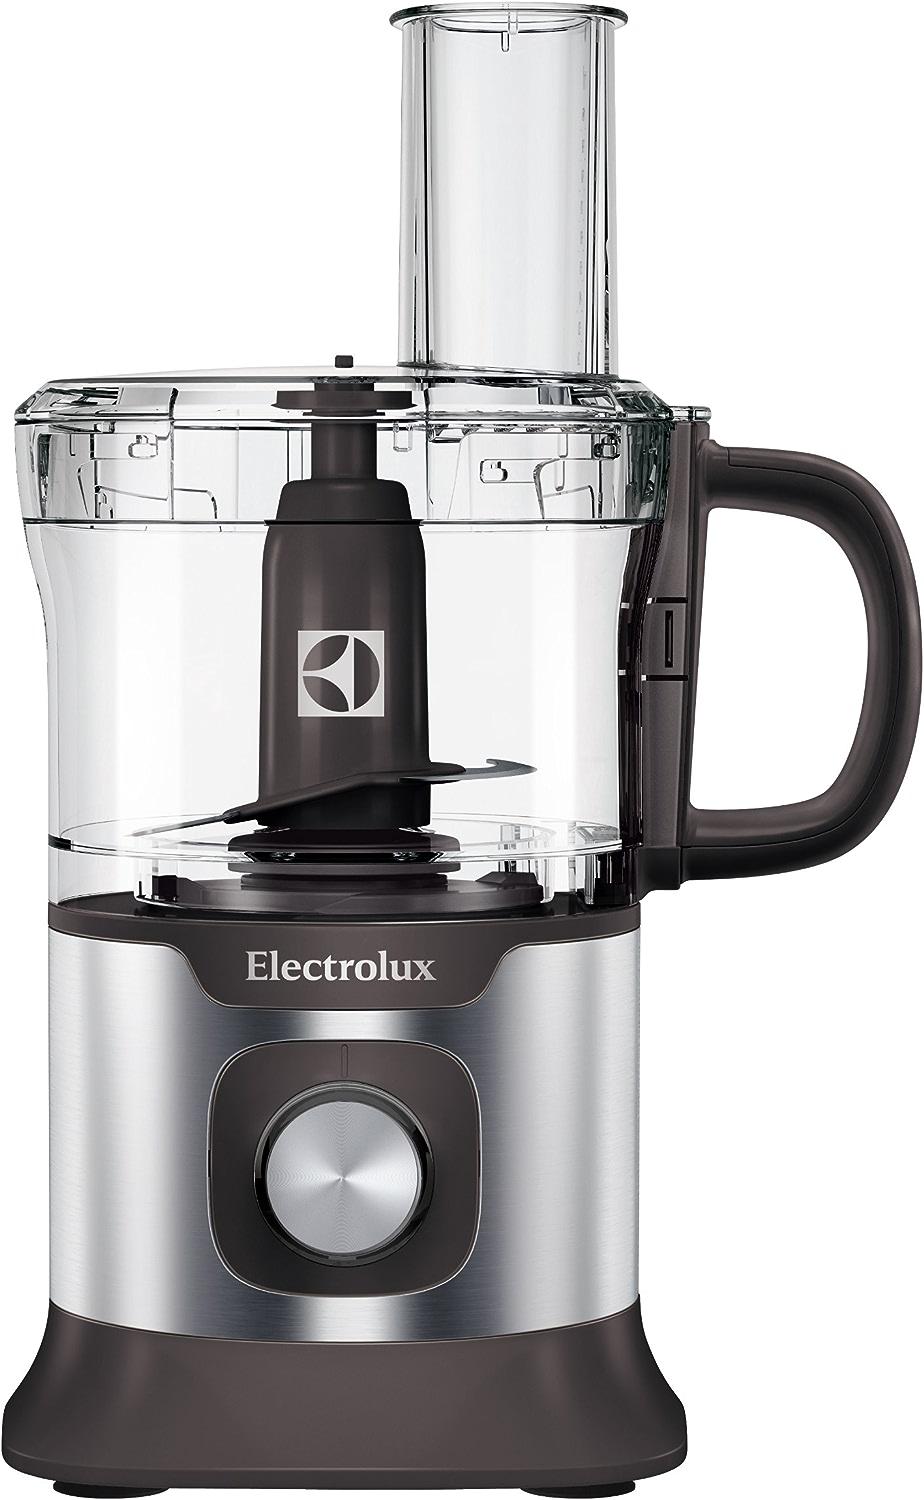 Electrolux EFP5300 Robot Multifonctions Inox Brossé Noir 700 W